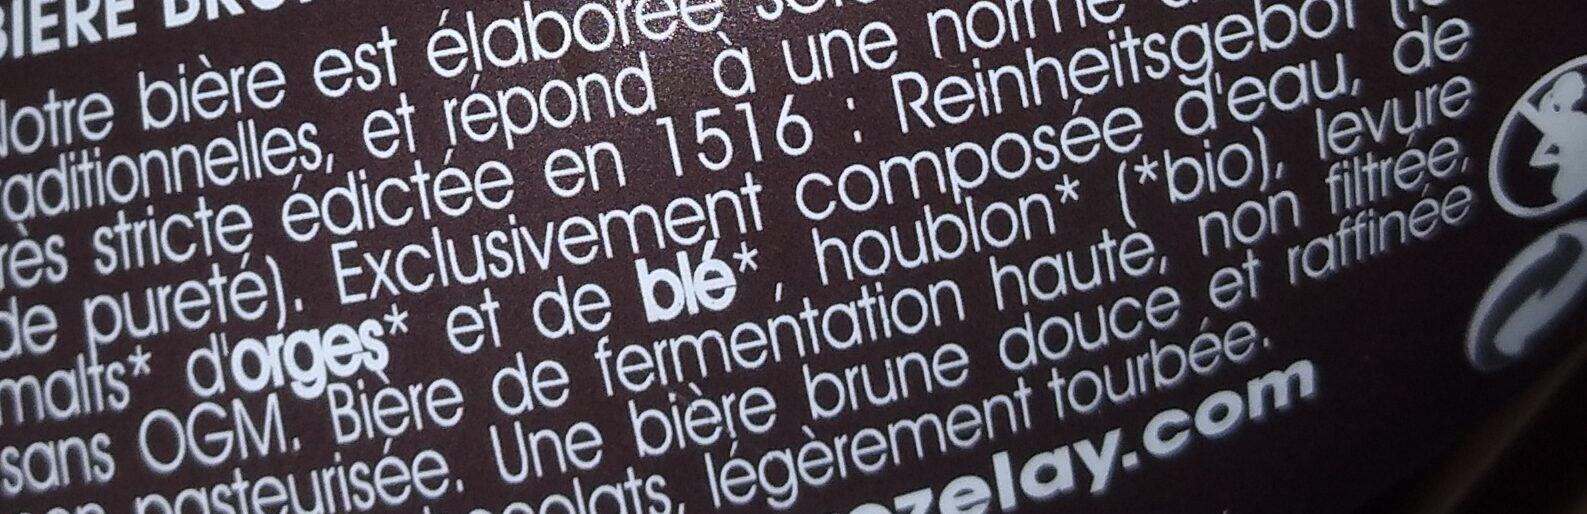 Brune Bio de Vezelay - Ingrediënten - fr